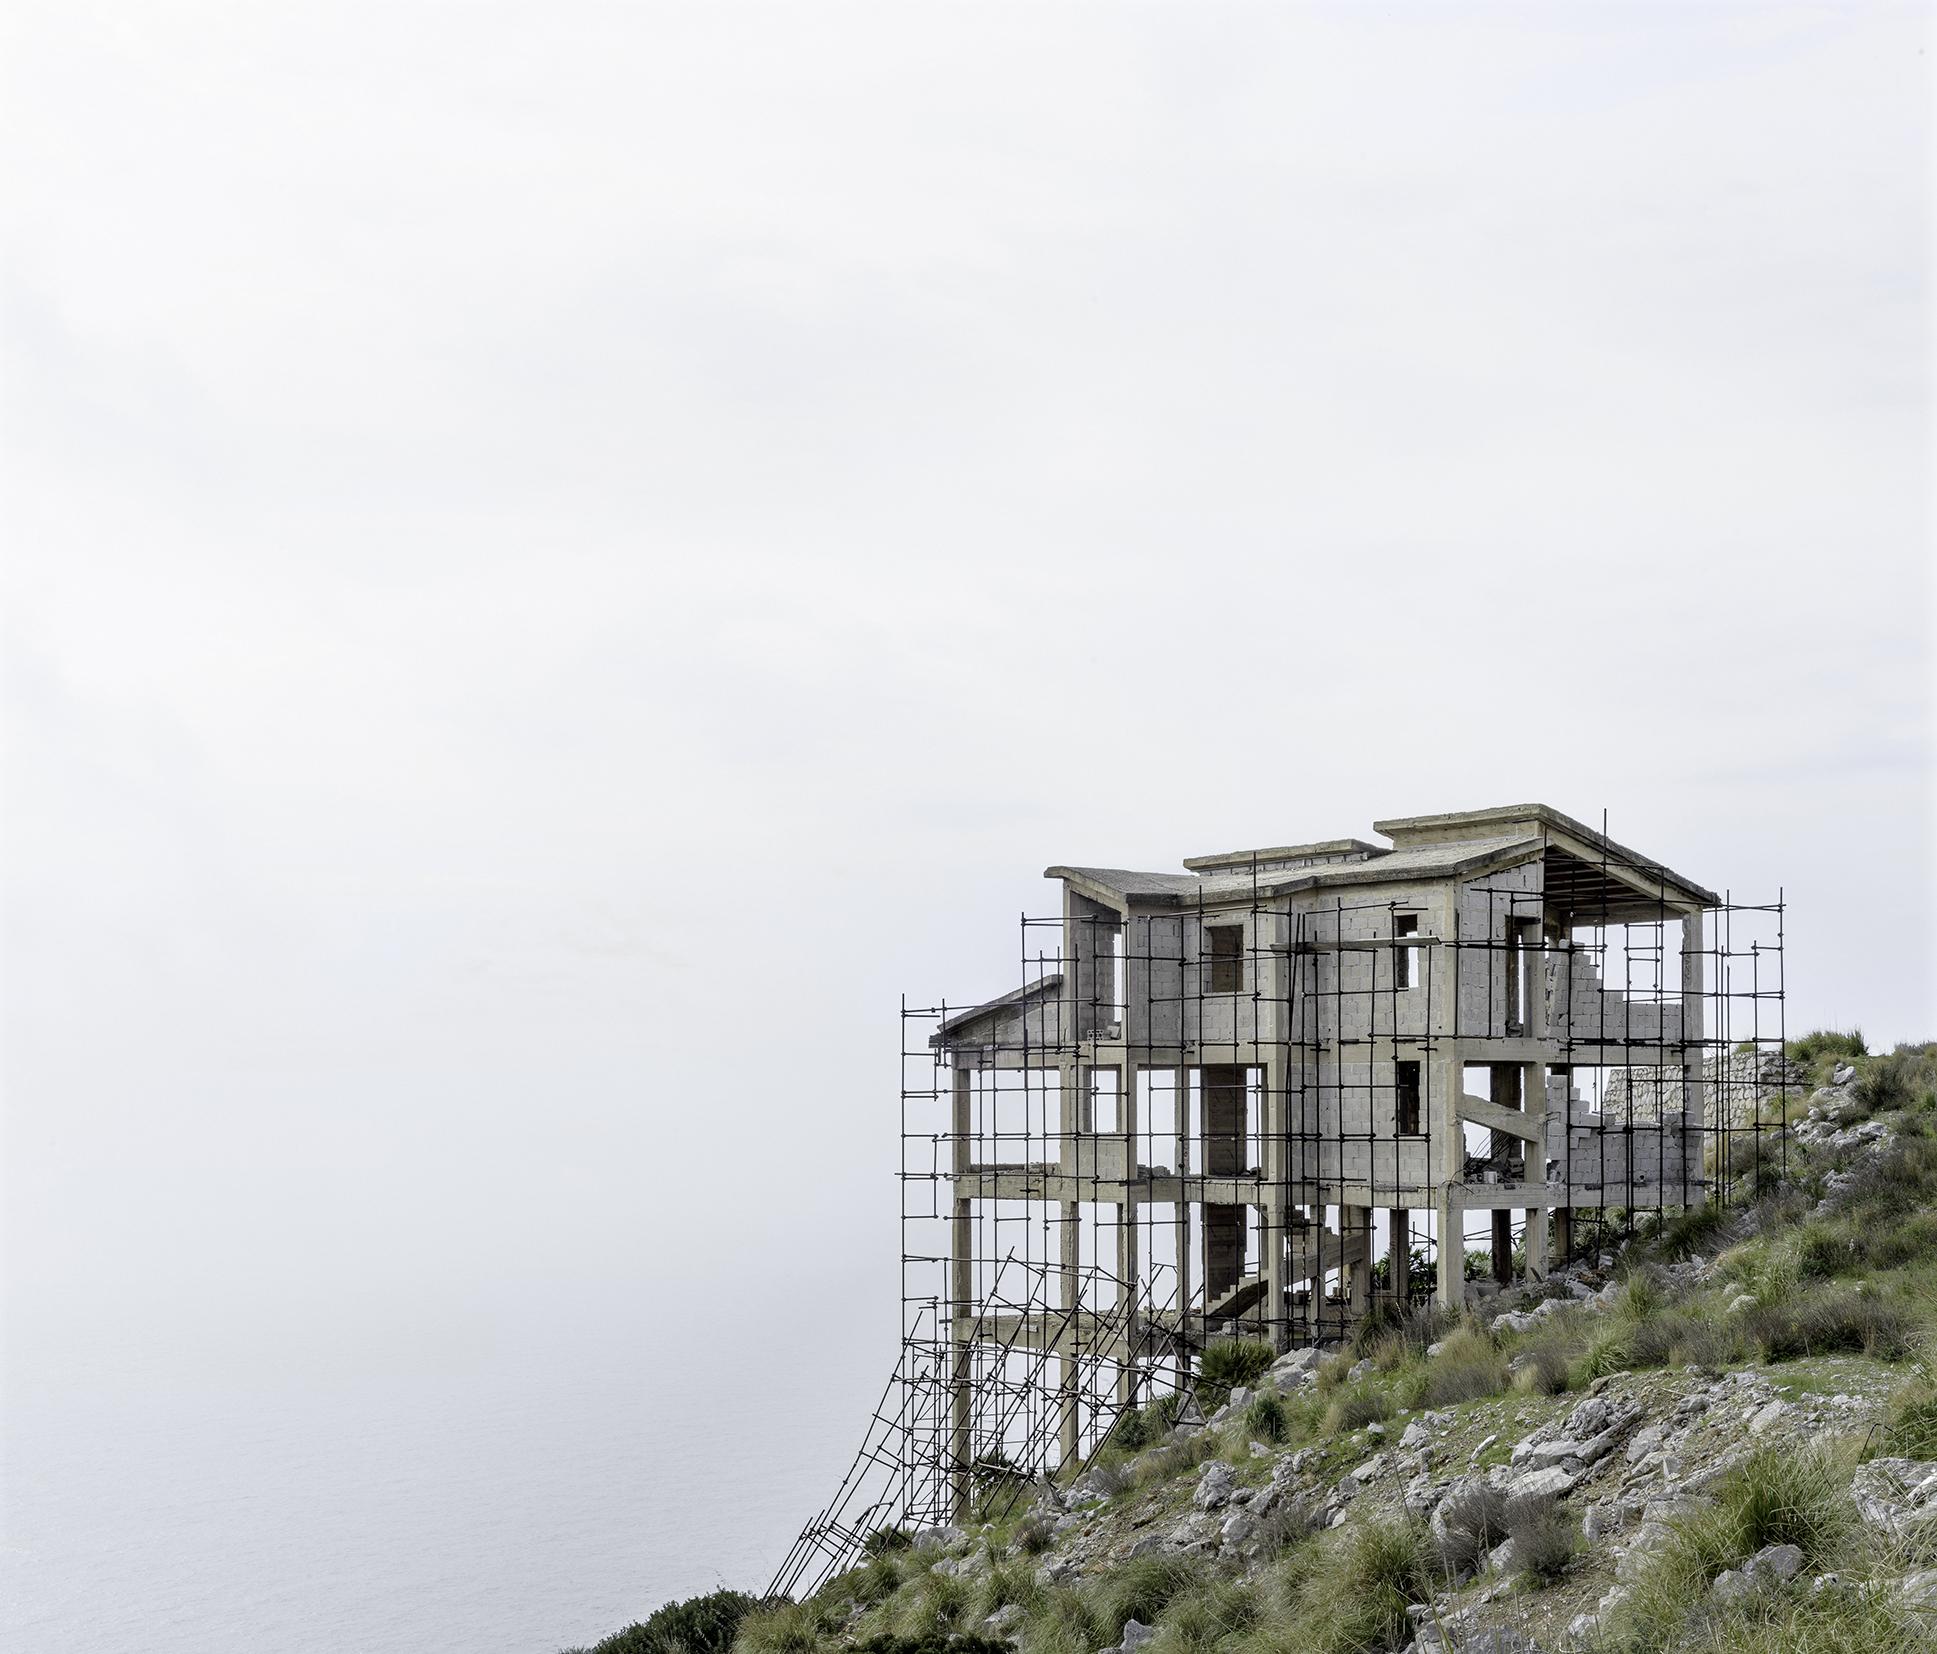 18_amelie_labourdette_empire_of_dust_photographie_art_contemporain.jpg